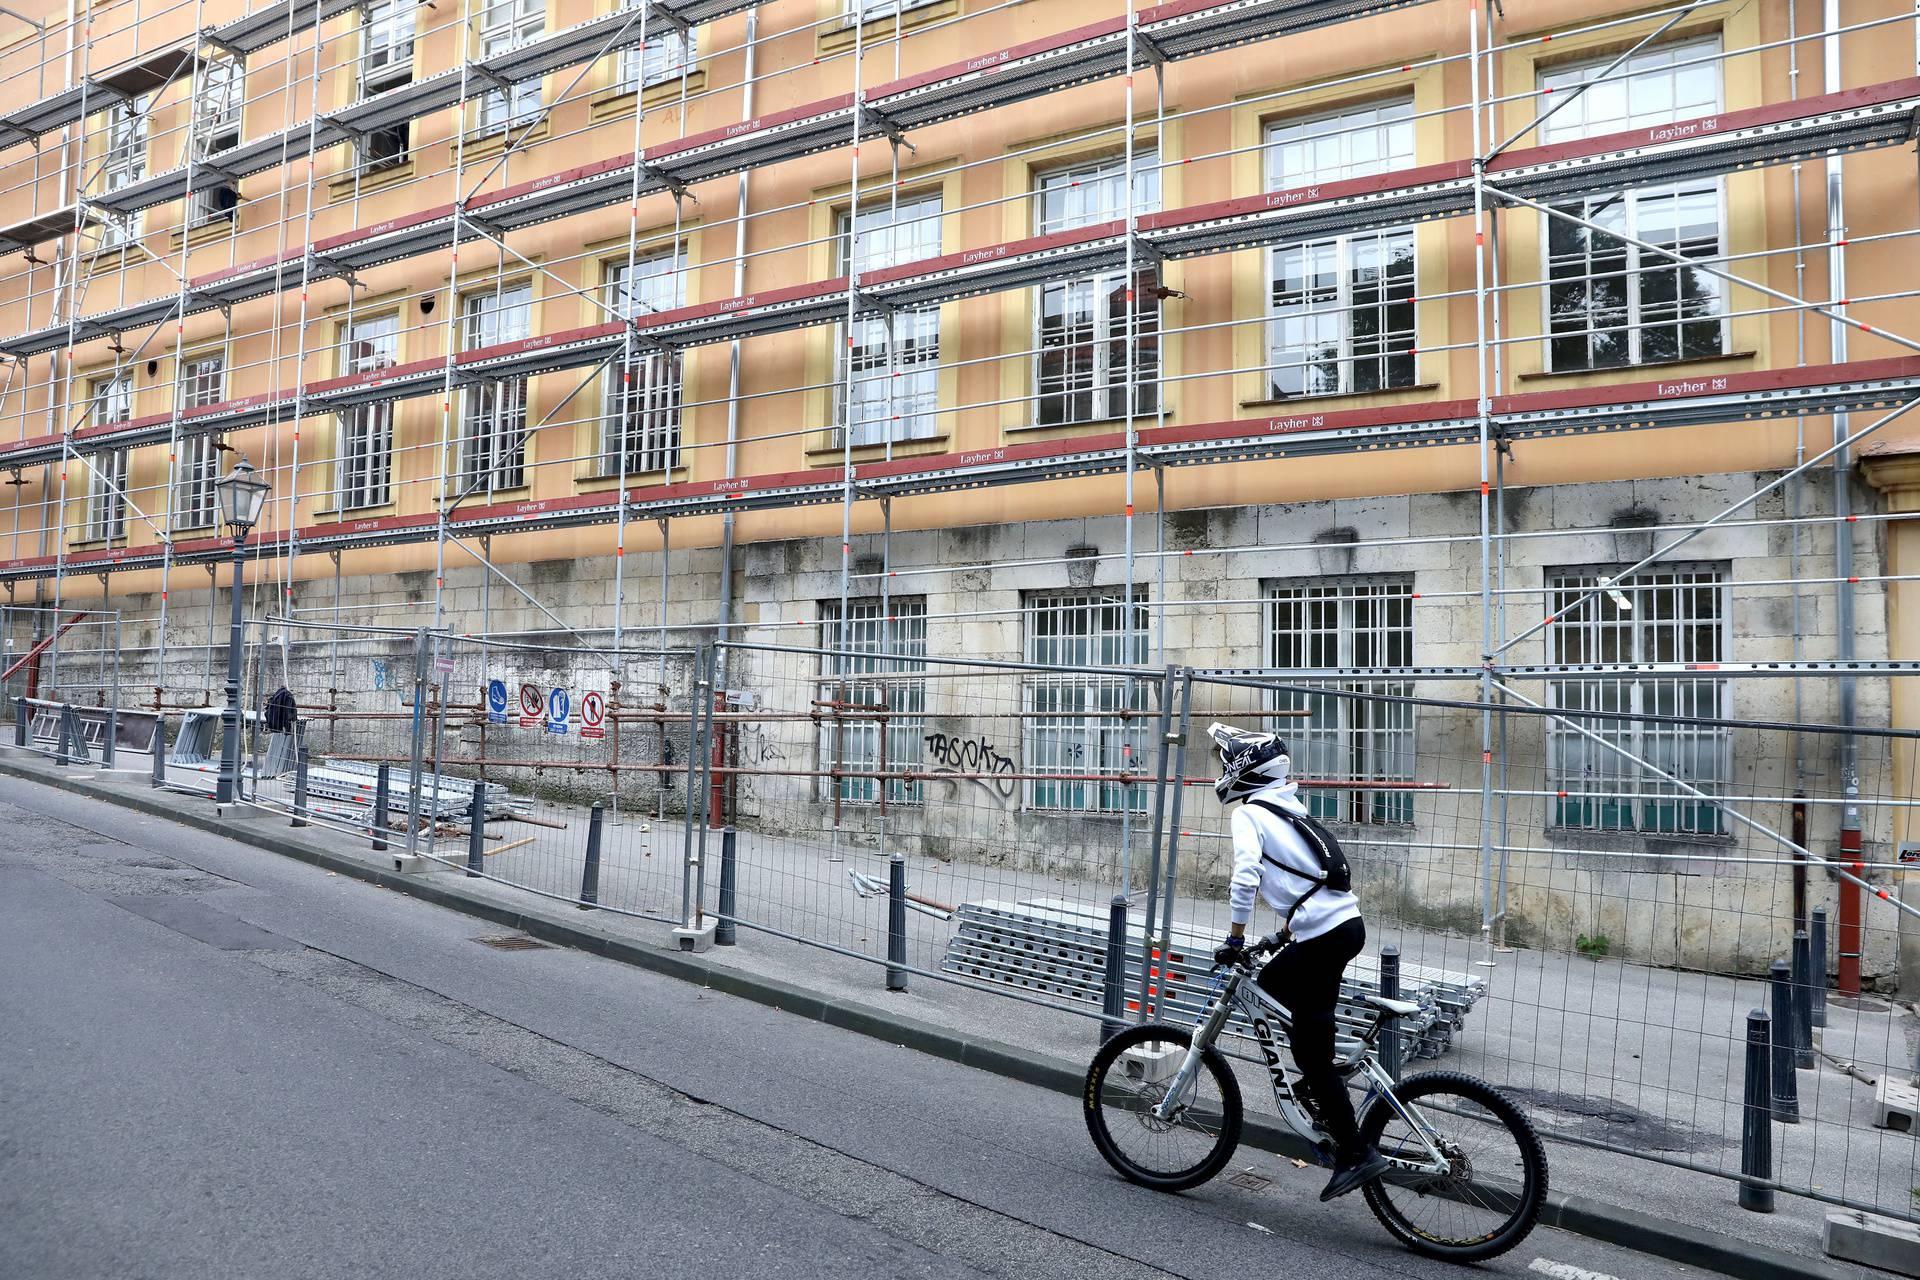 Dio škola u centru Zagreba koje su oštećene u potresu danas nisu otvorile svoja vrata